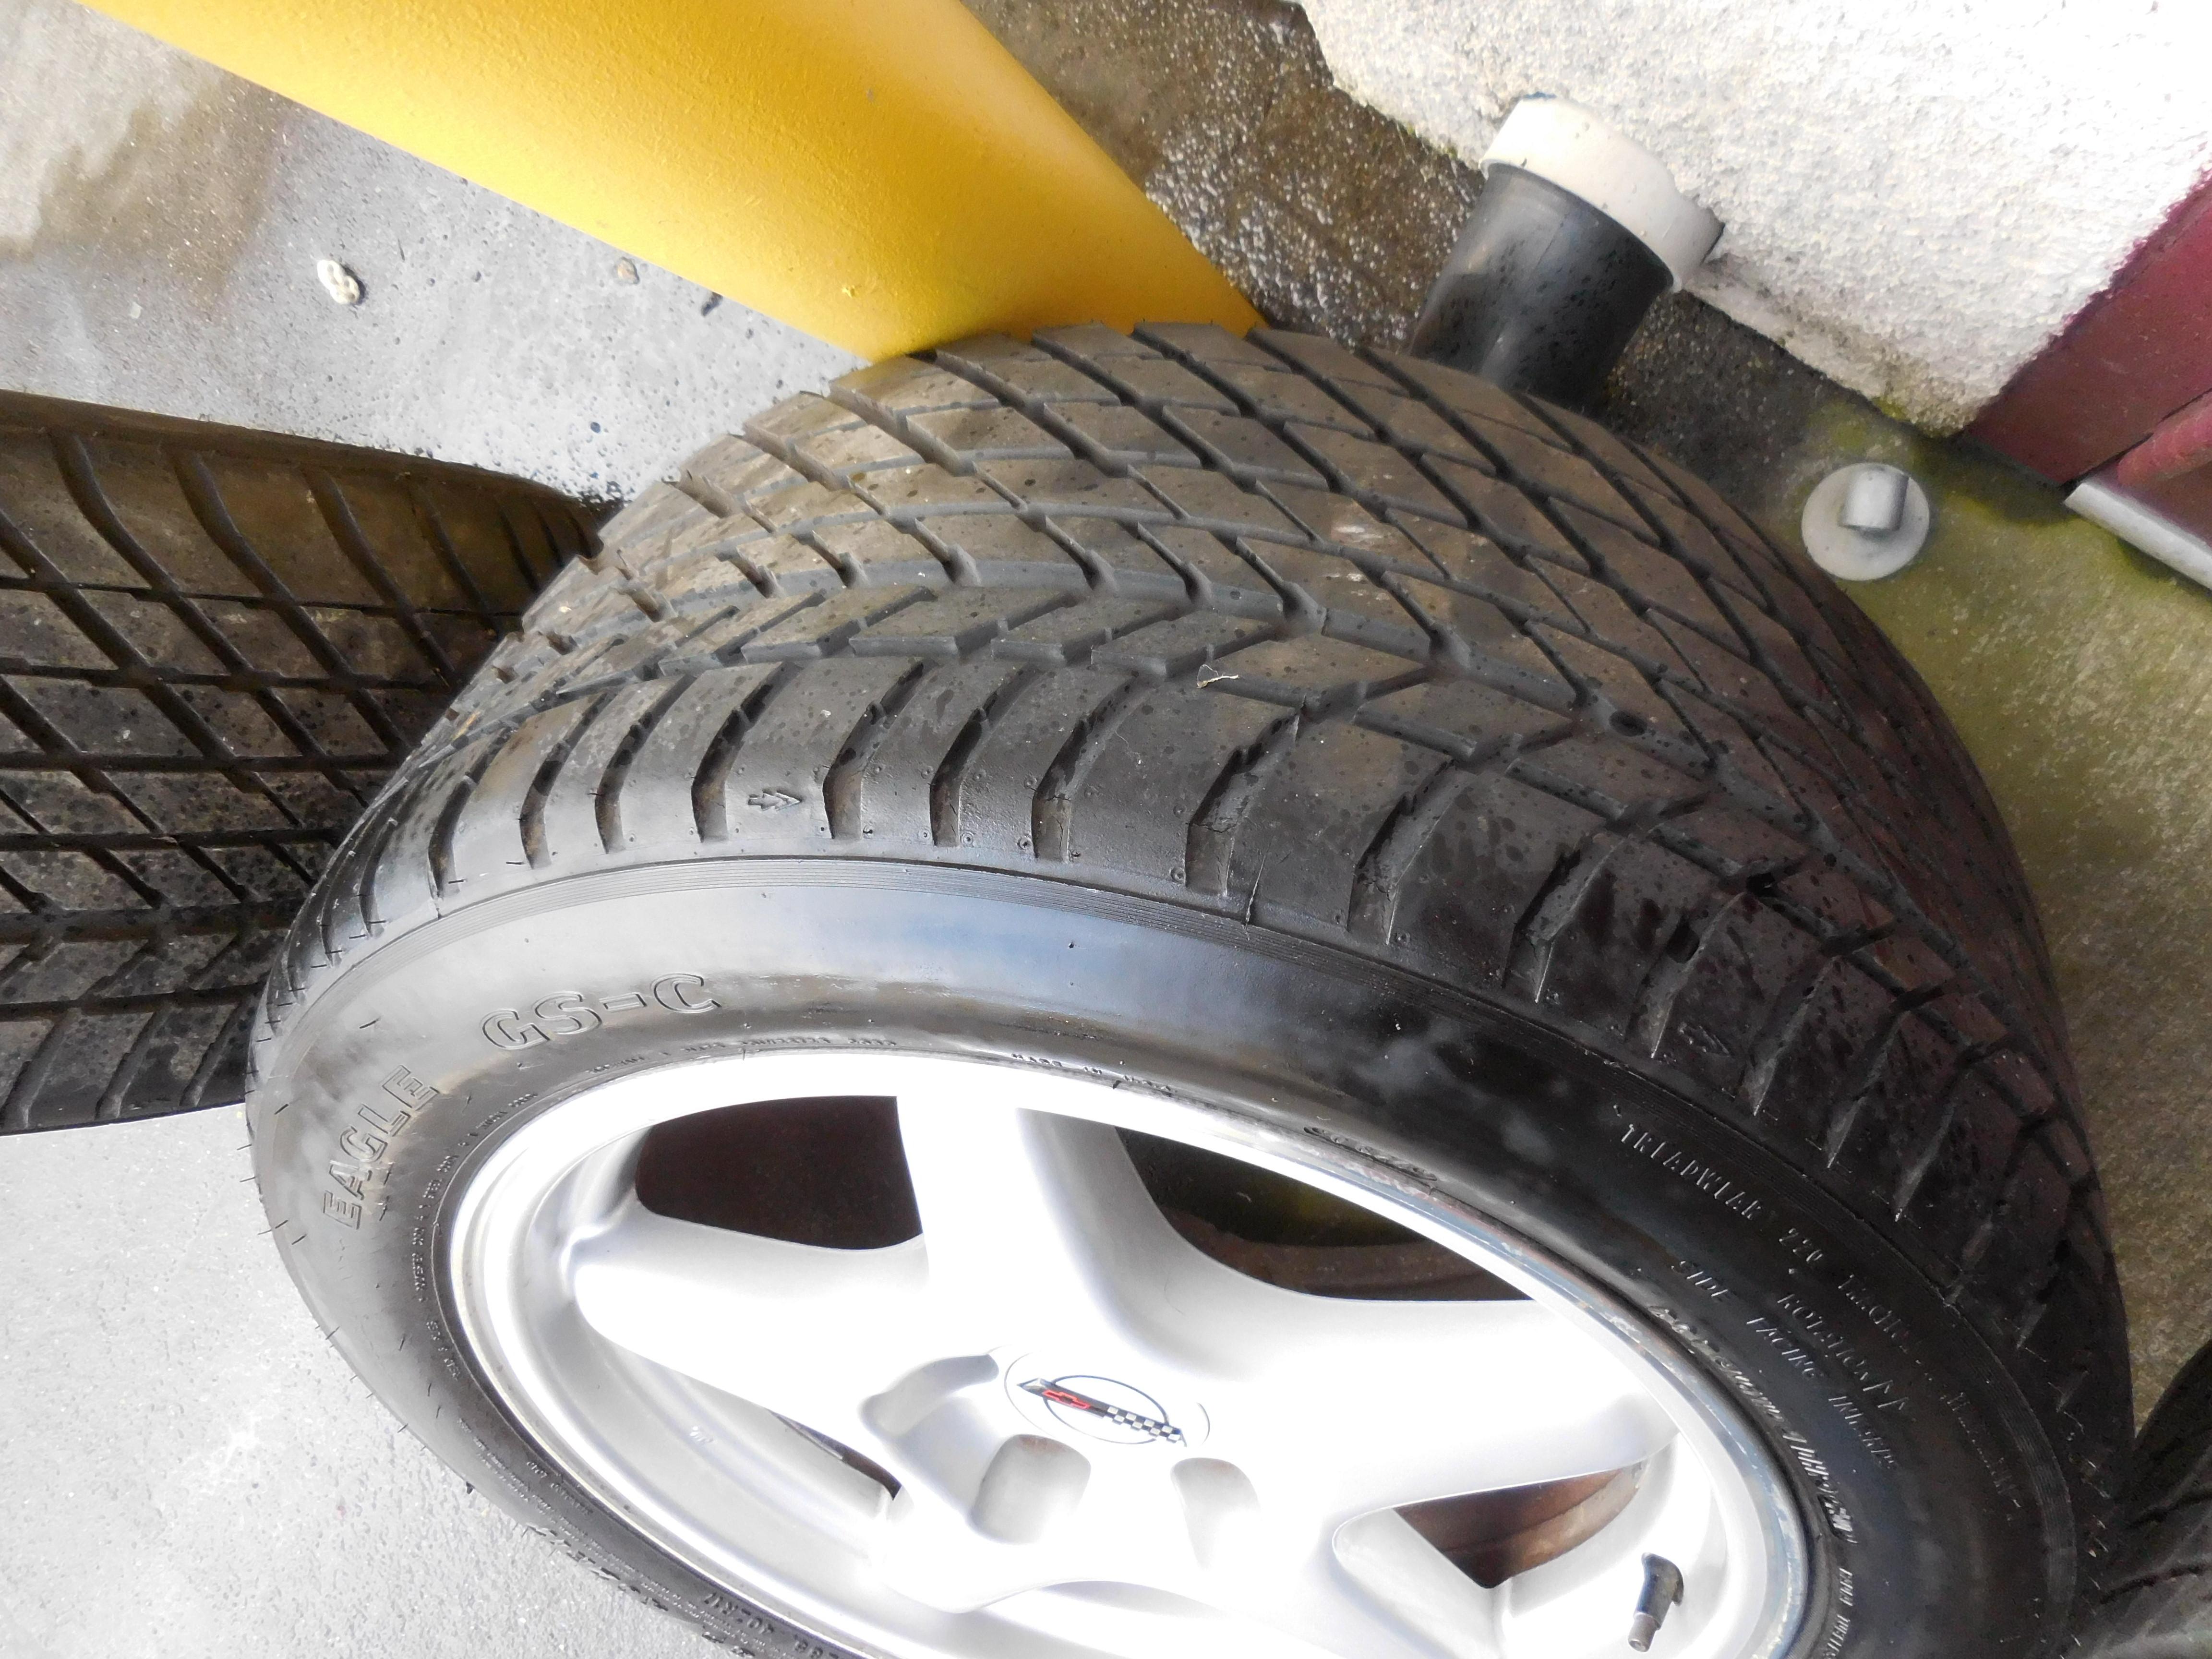 corvette c4 tires wheels chevrolet 1995 1985 1991 1986 1984 1990 1992